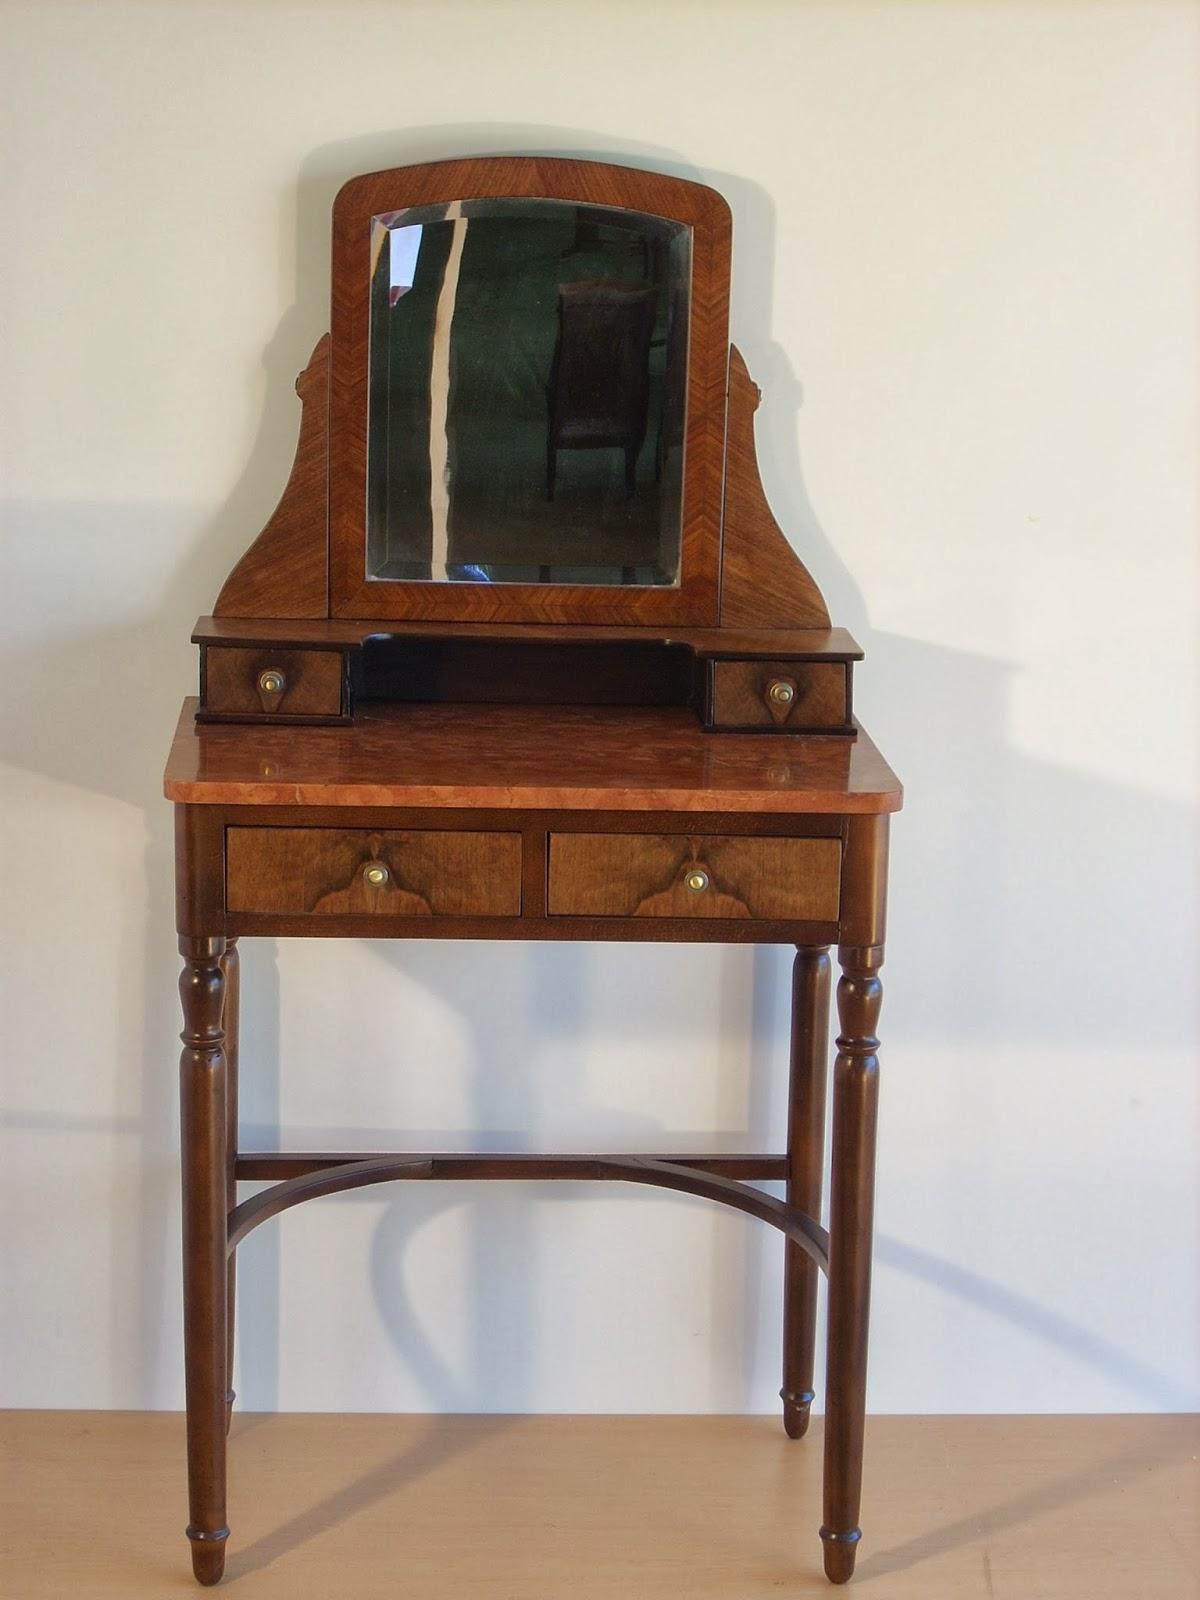 Venta de muebles restaurados idee per interni e mobili - Muebles antiguos restaurados ...